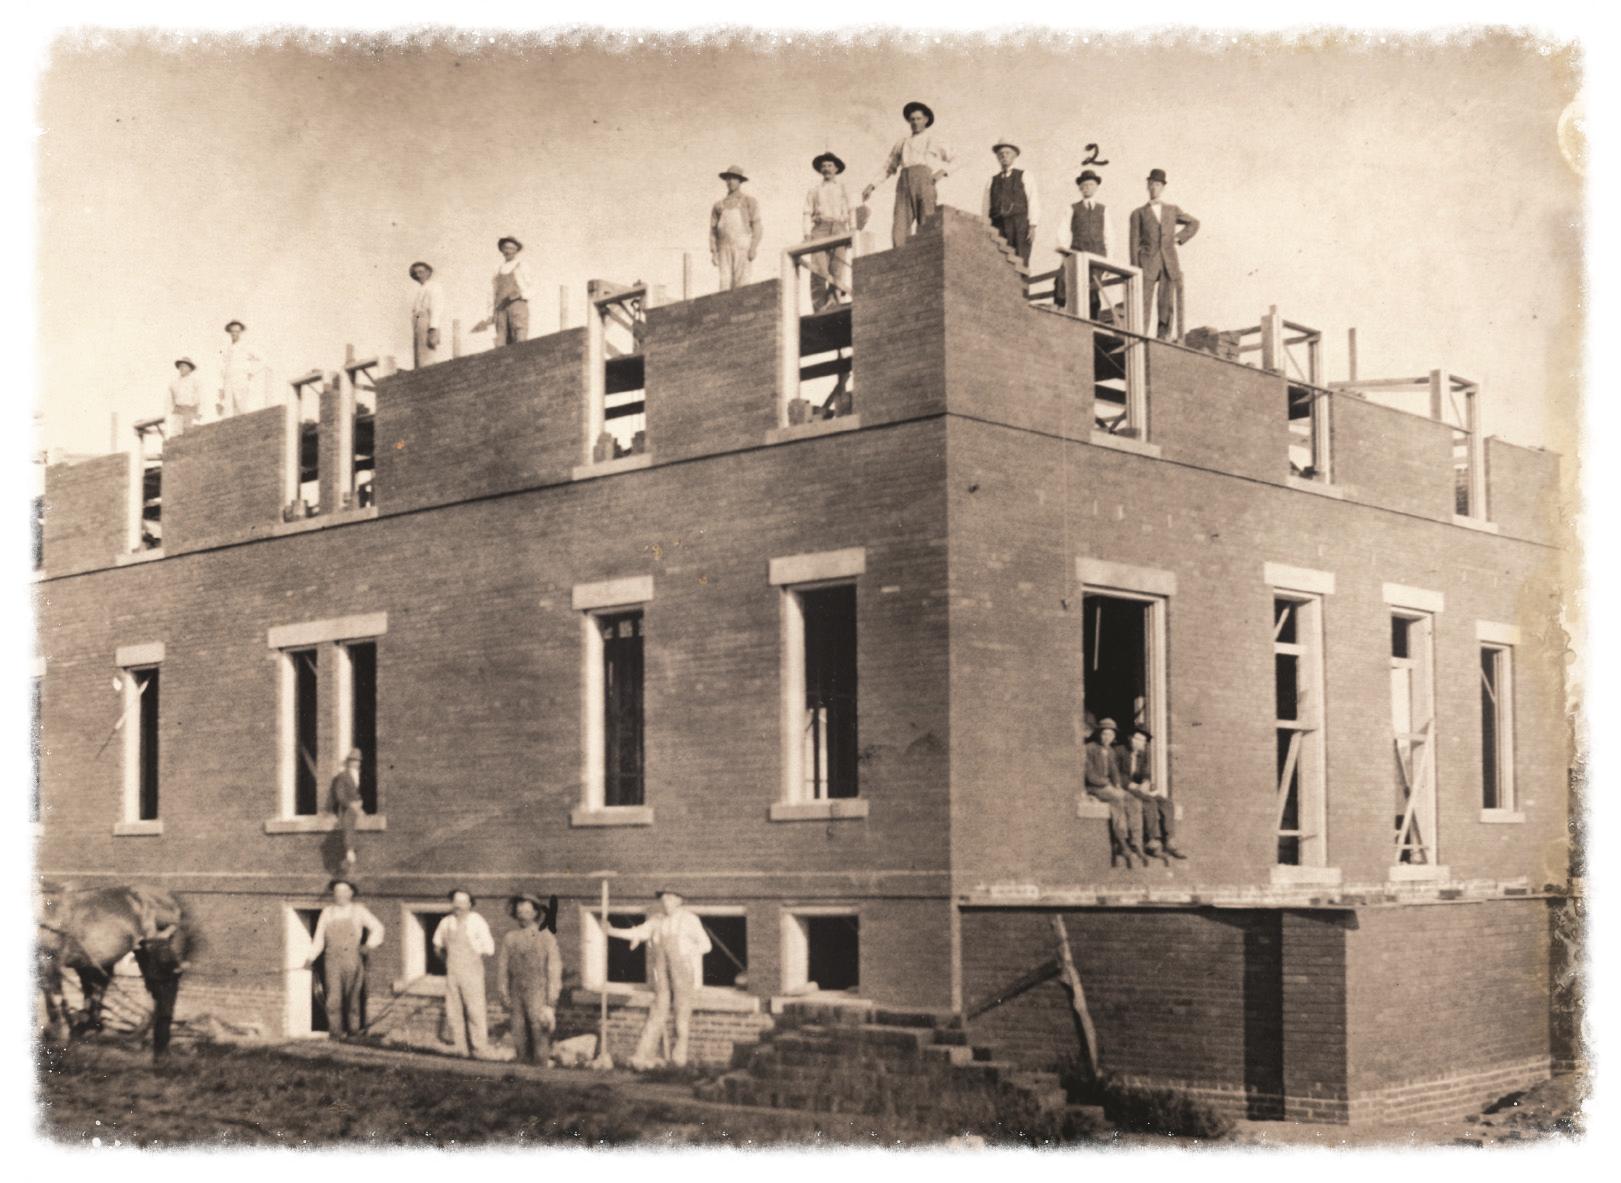 Inn under construction.